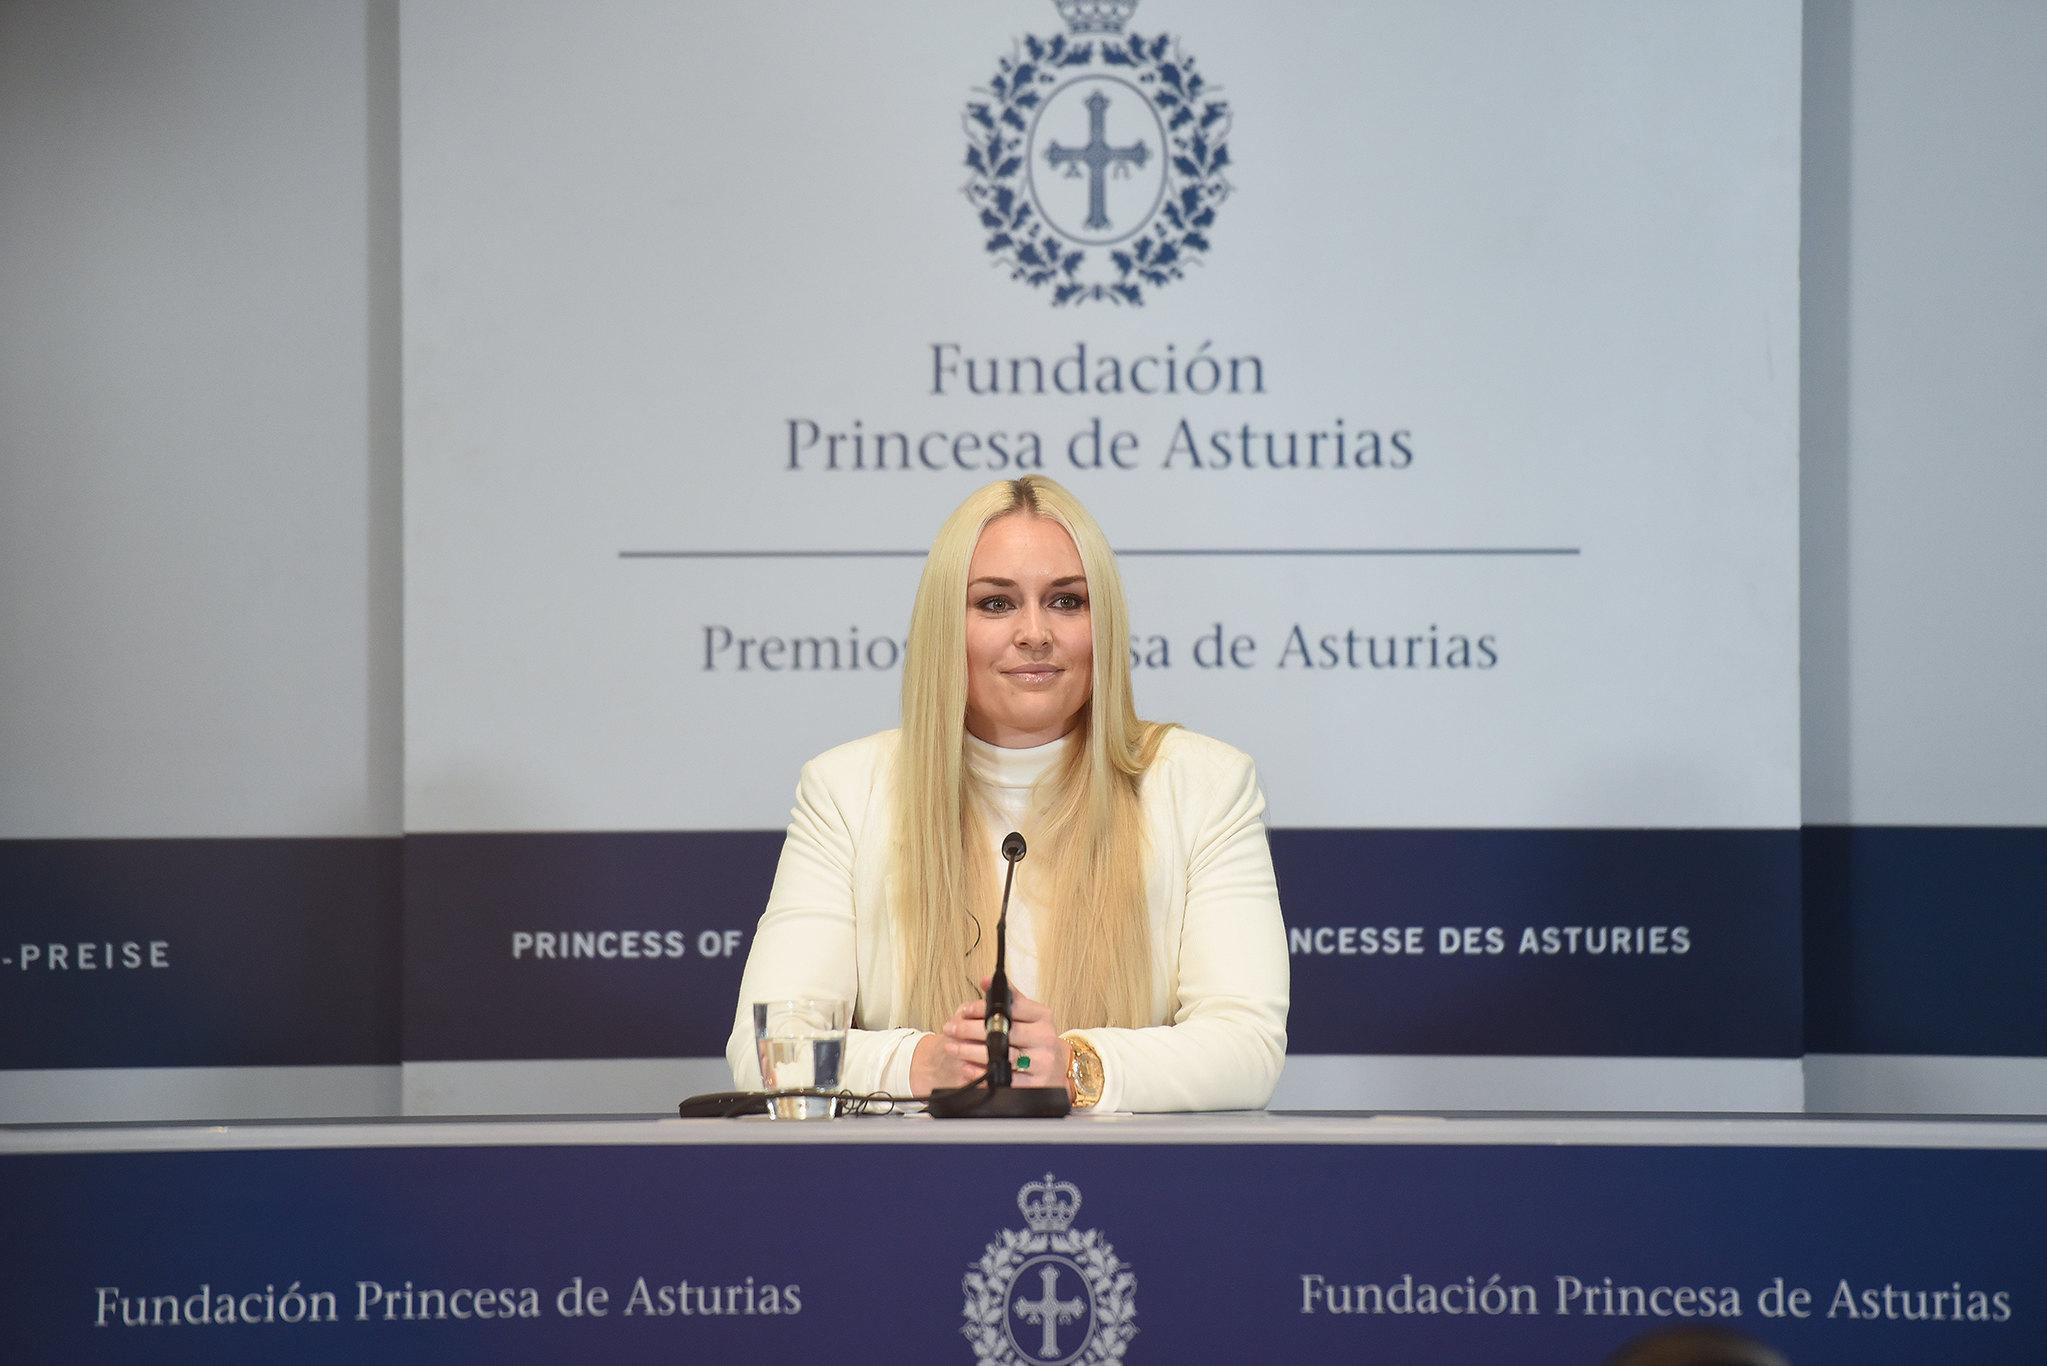 Rueda de prensa Lindsey Vonn. Foto: FPA Iván Martínez